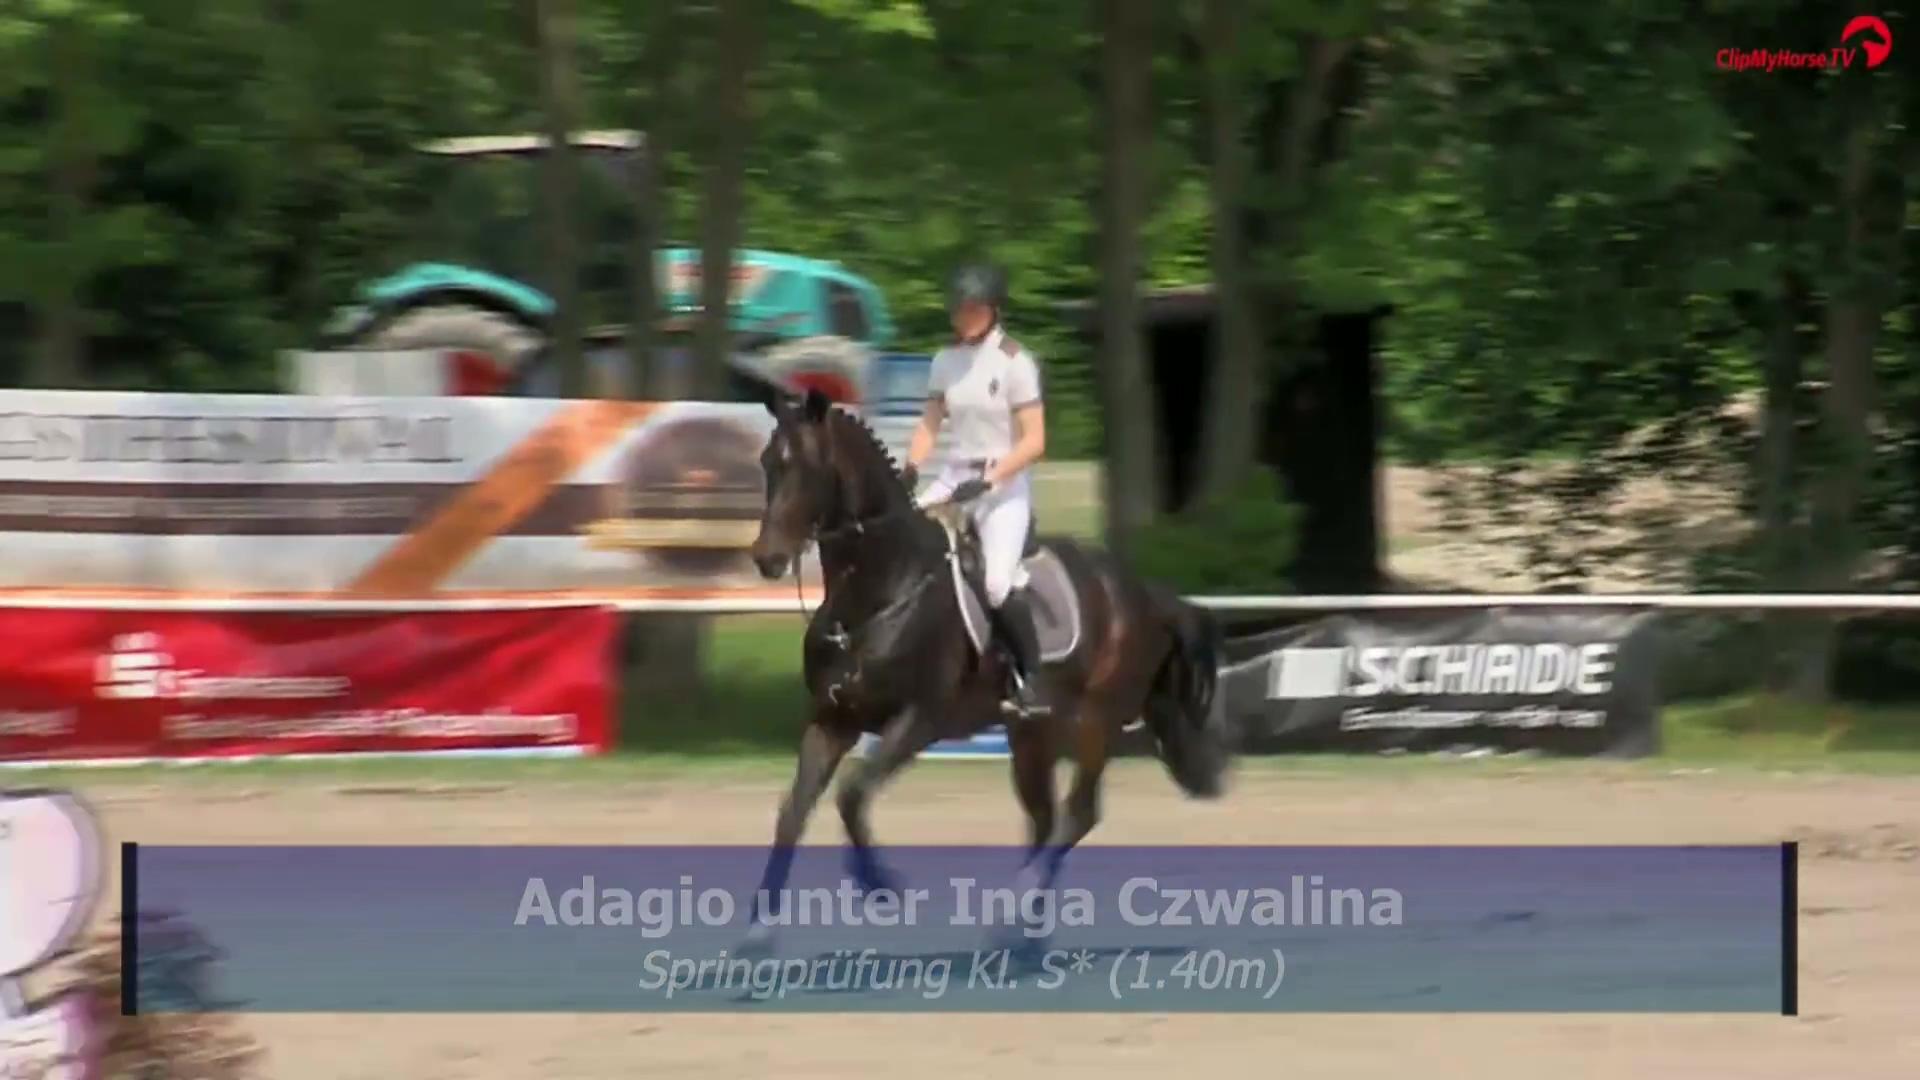 Adagio_Richelsdorf